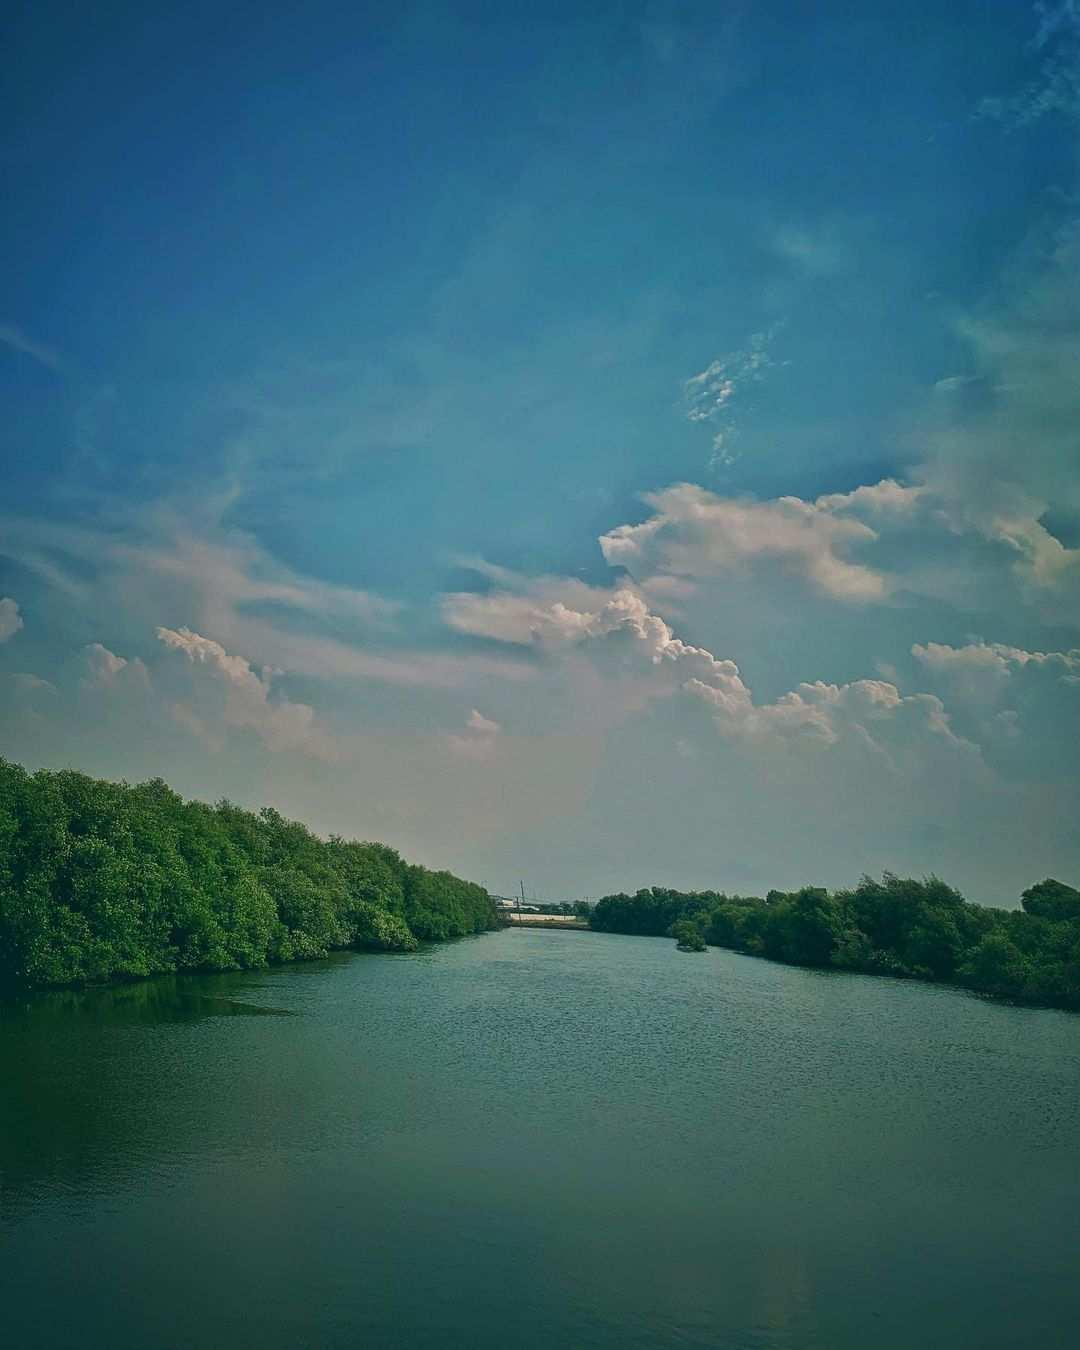 Sungai Yang Ada Di Mangrove PIK Jakarta Utara Image From @galeri110100